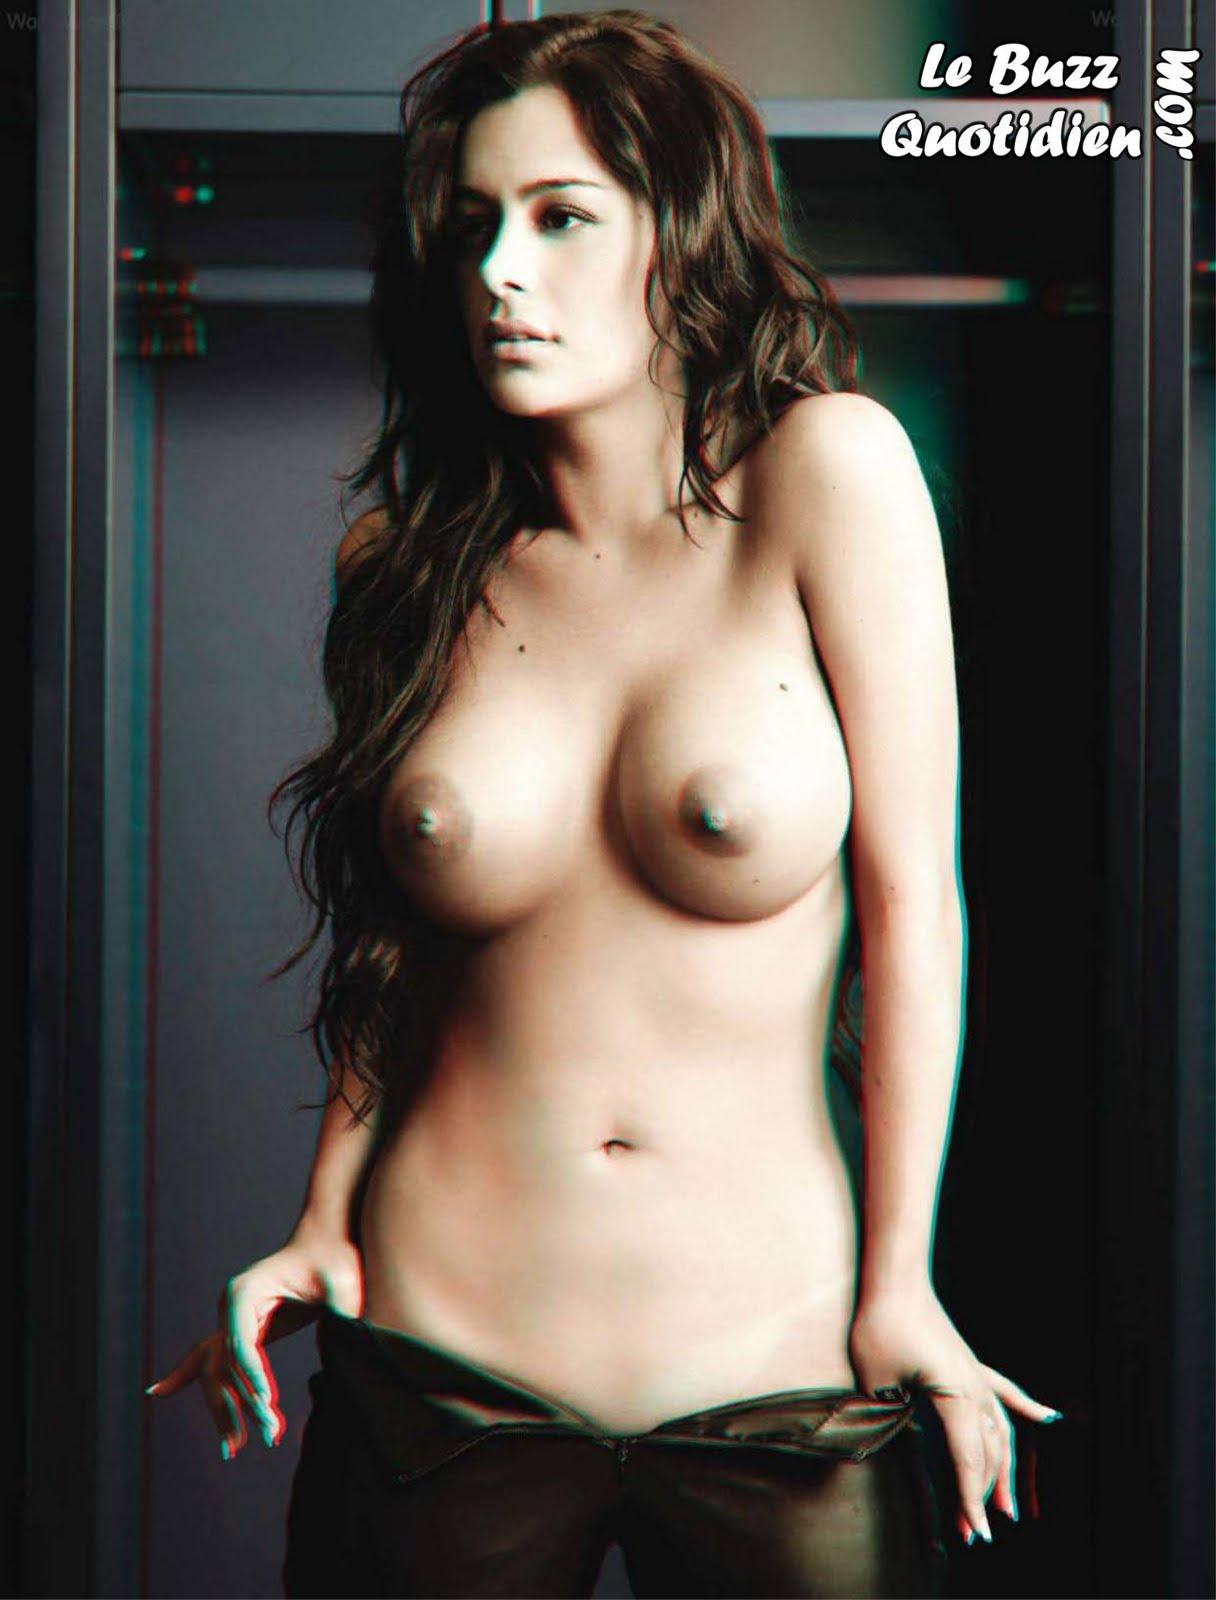 Larissa riquelme photos nues